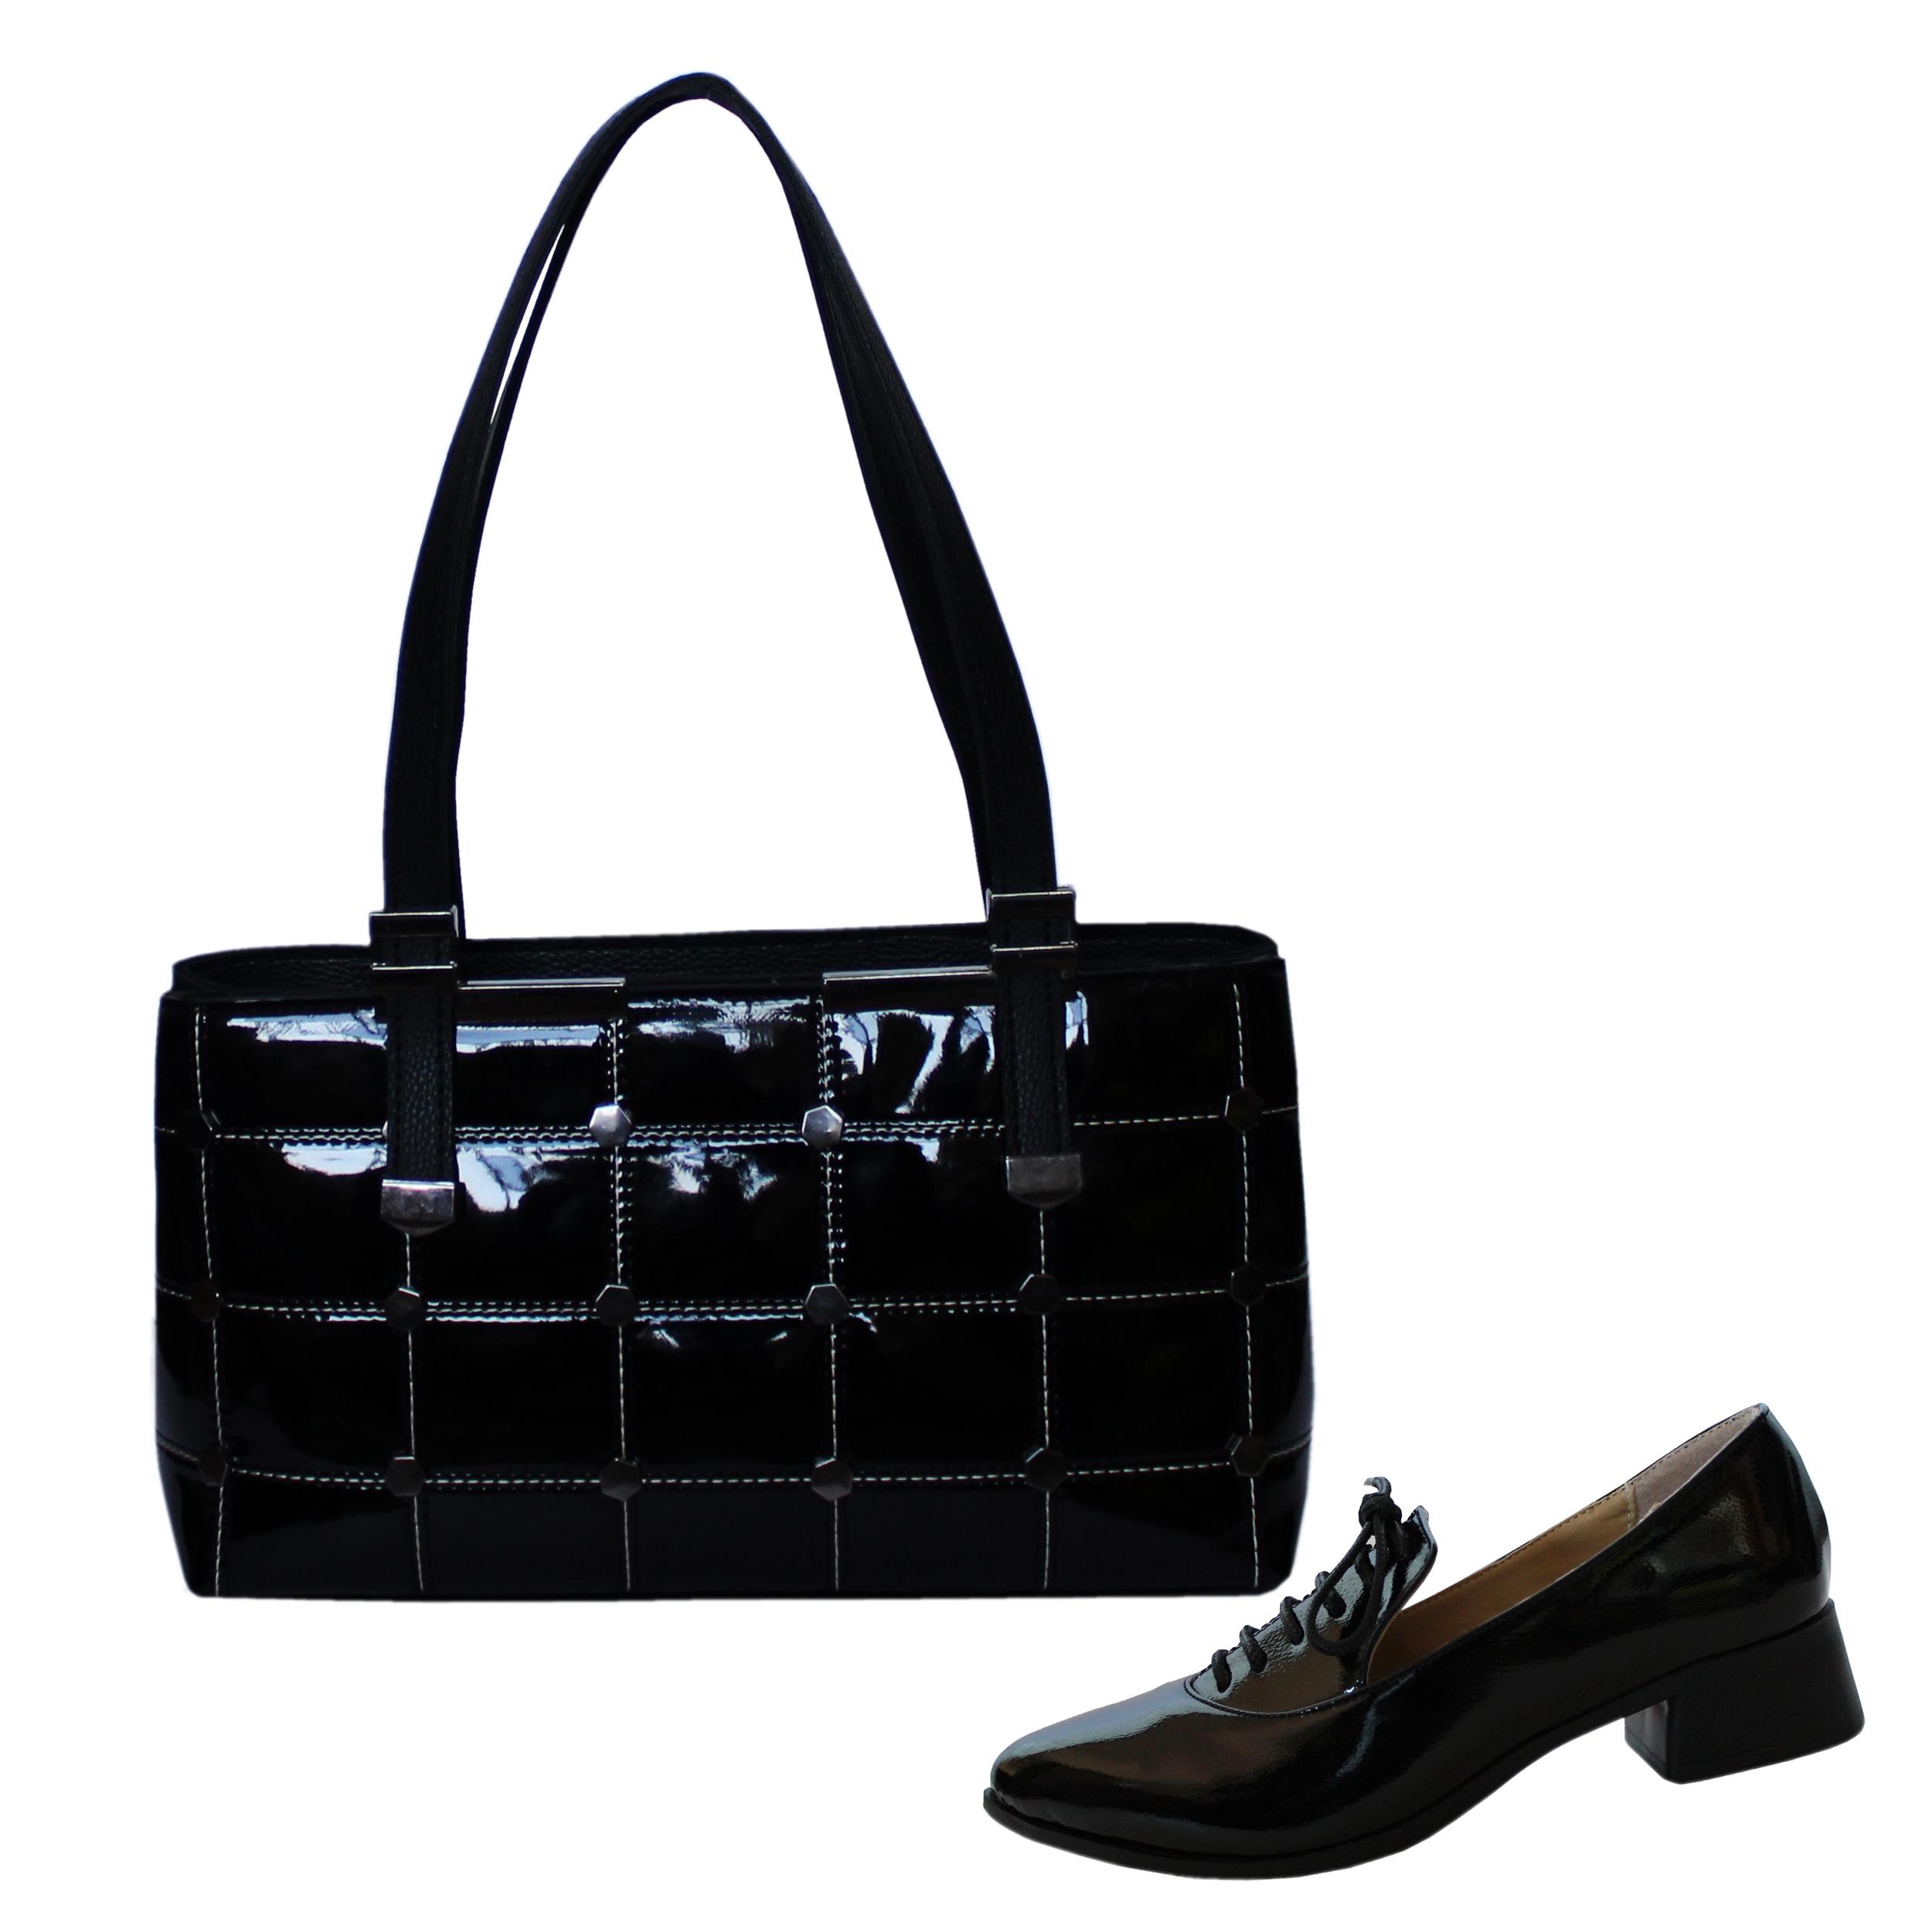 ست کیف و کفش زنانه کد 0090